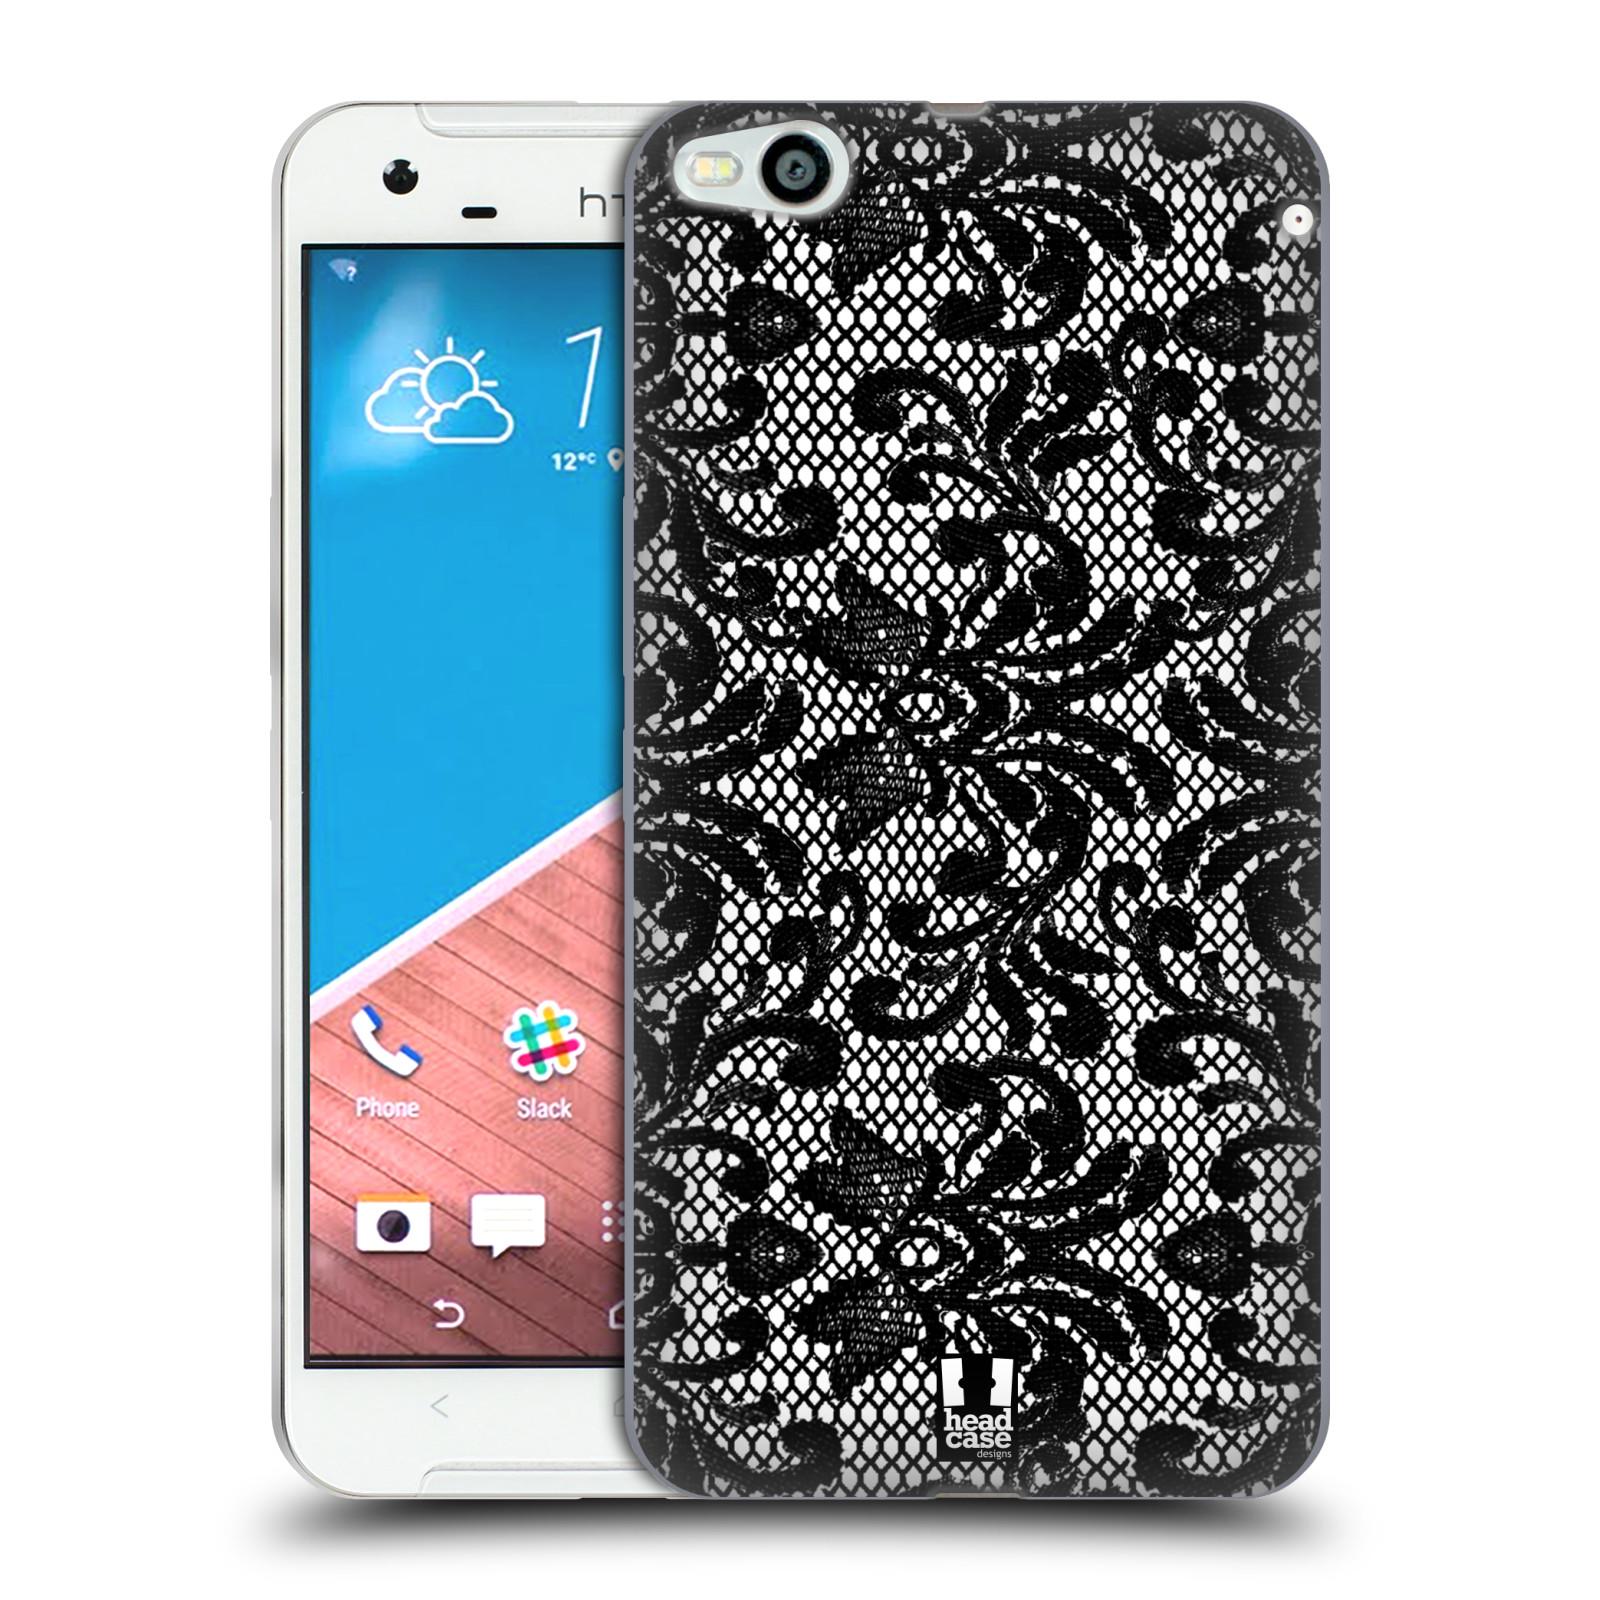 Silikonové pouzdro na mobil HTC One X9 HEAD CASE KRAJKA (Silikonový kryt či obal na mobilní telefon HTC One X9)